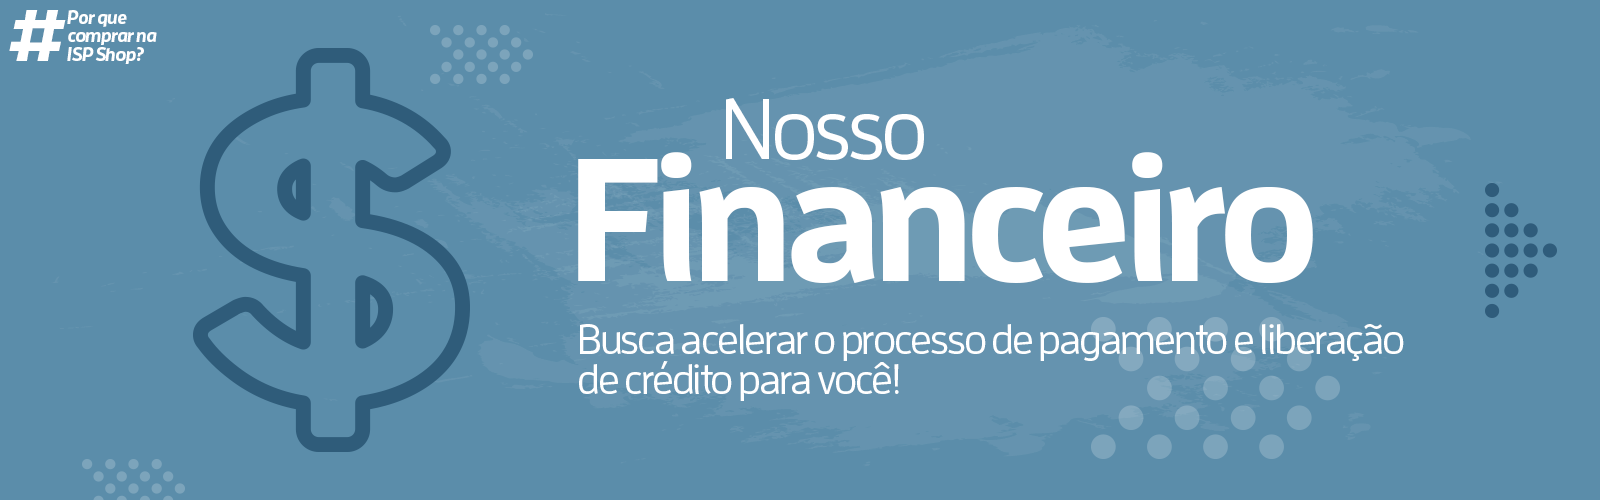 Nosso Financeiro